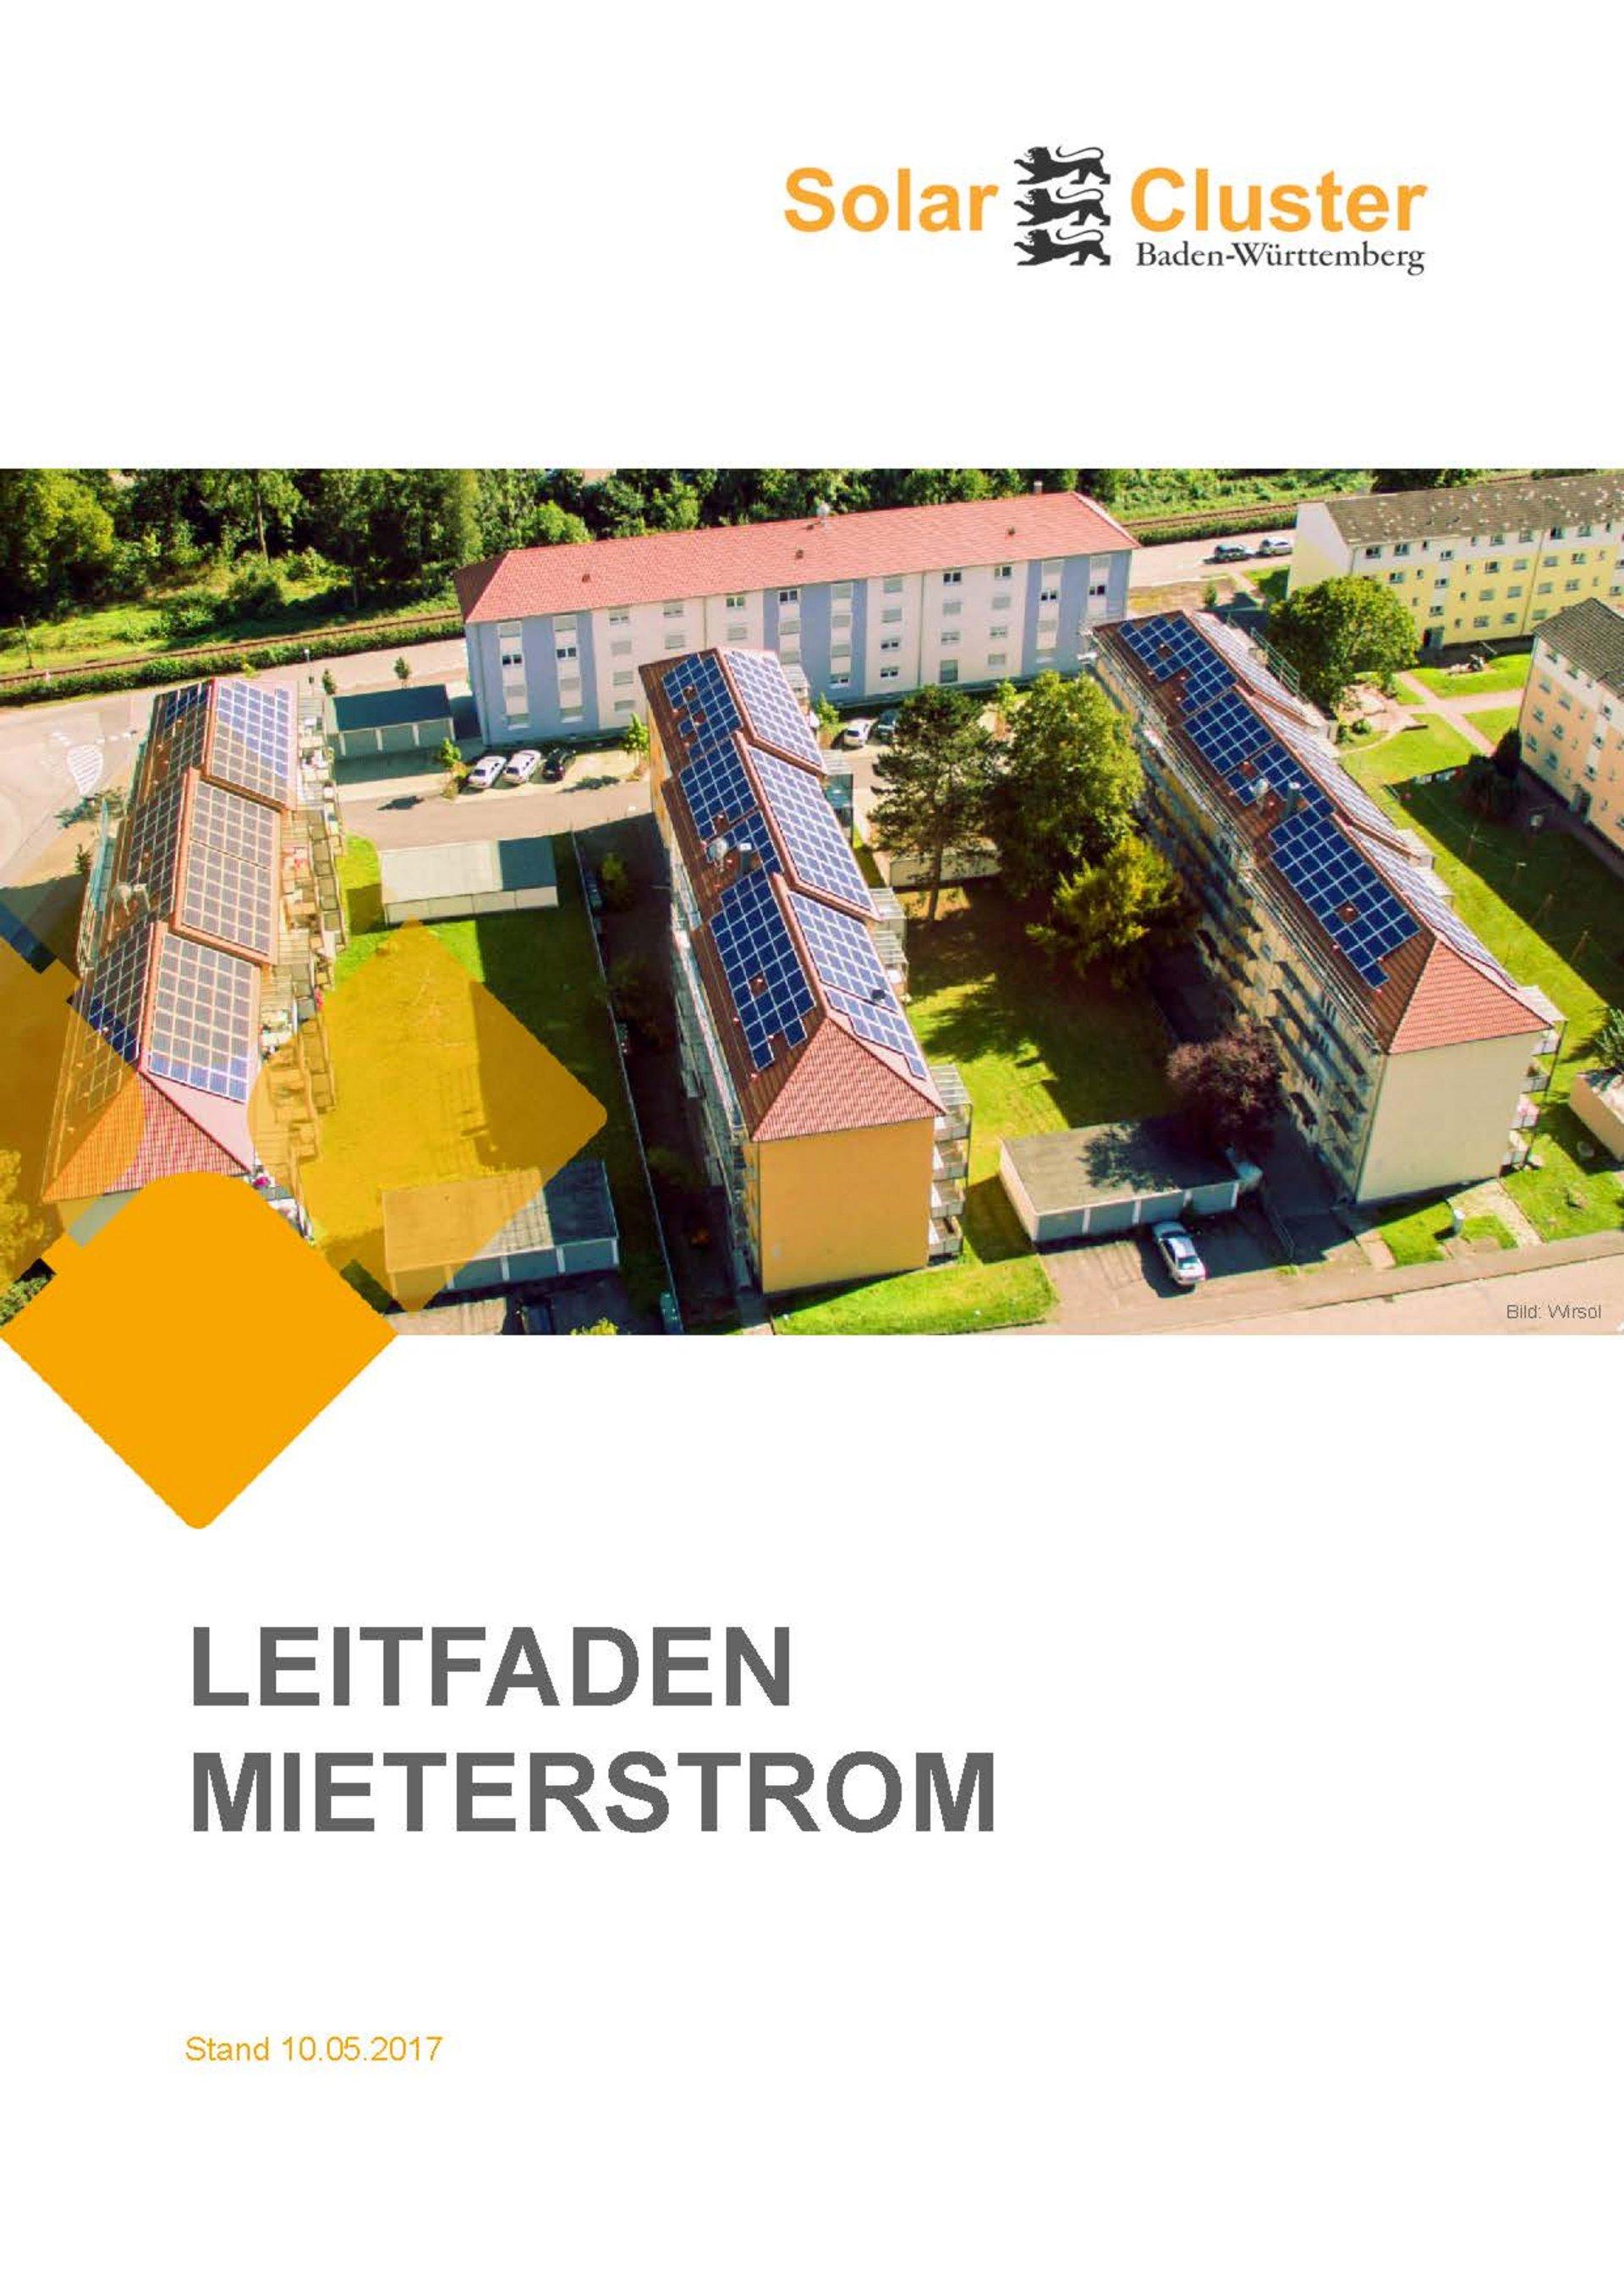 Leitfaden Mieterstrom